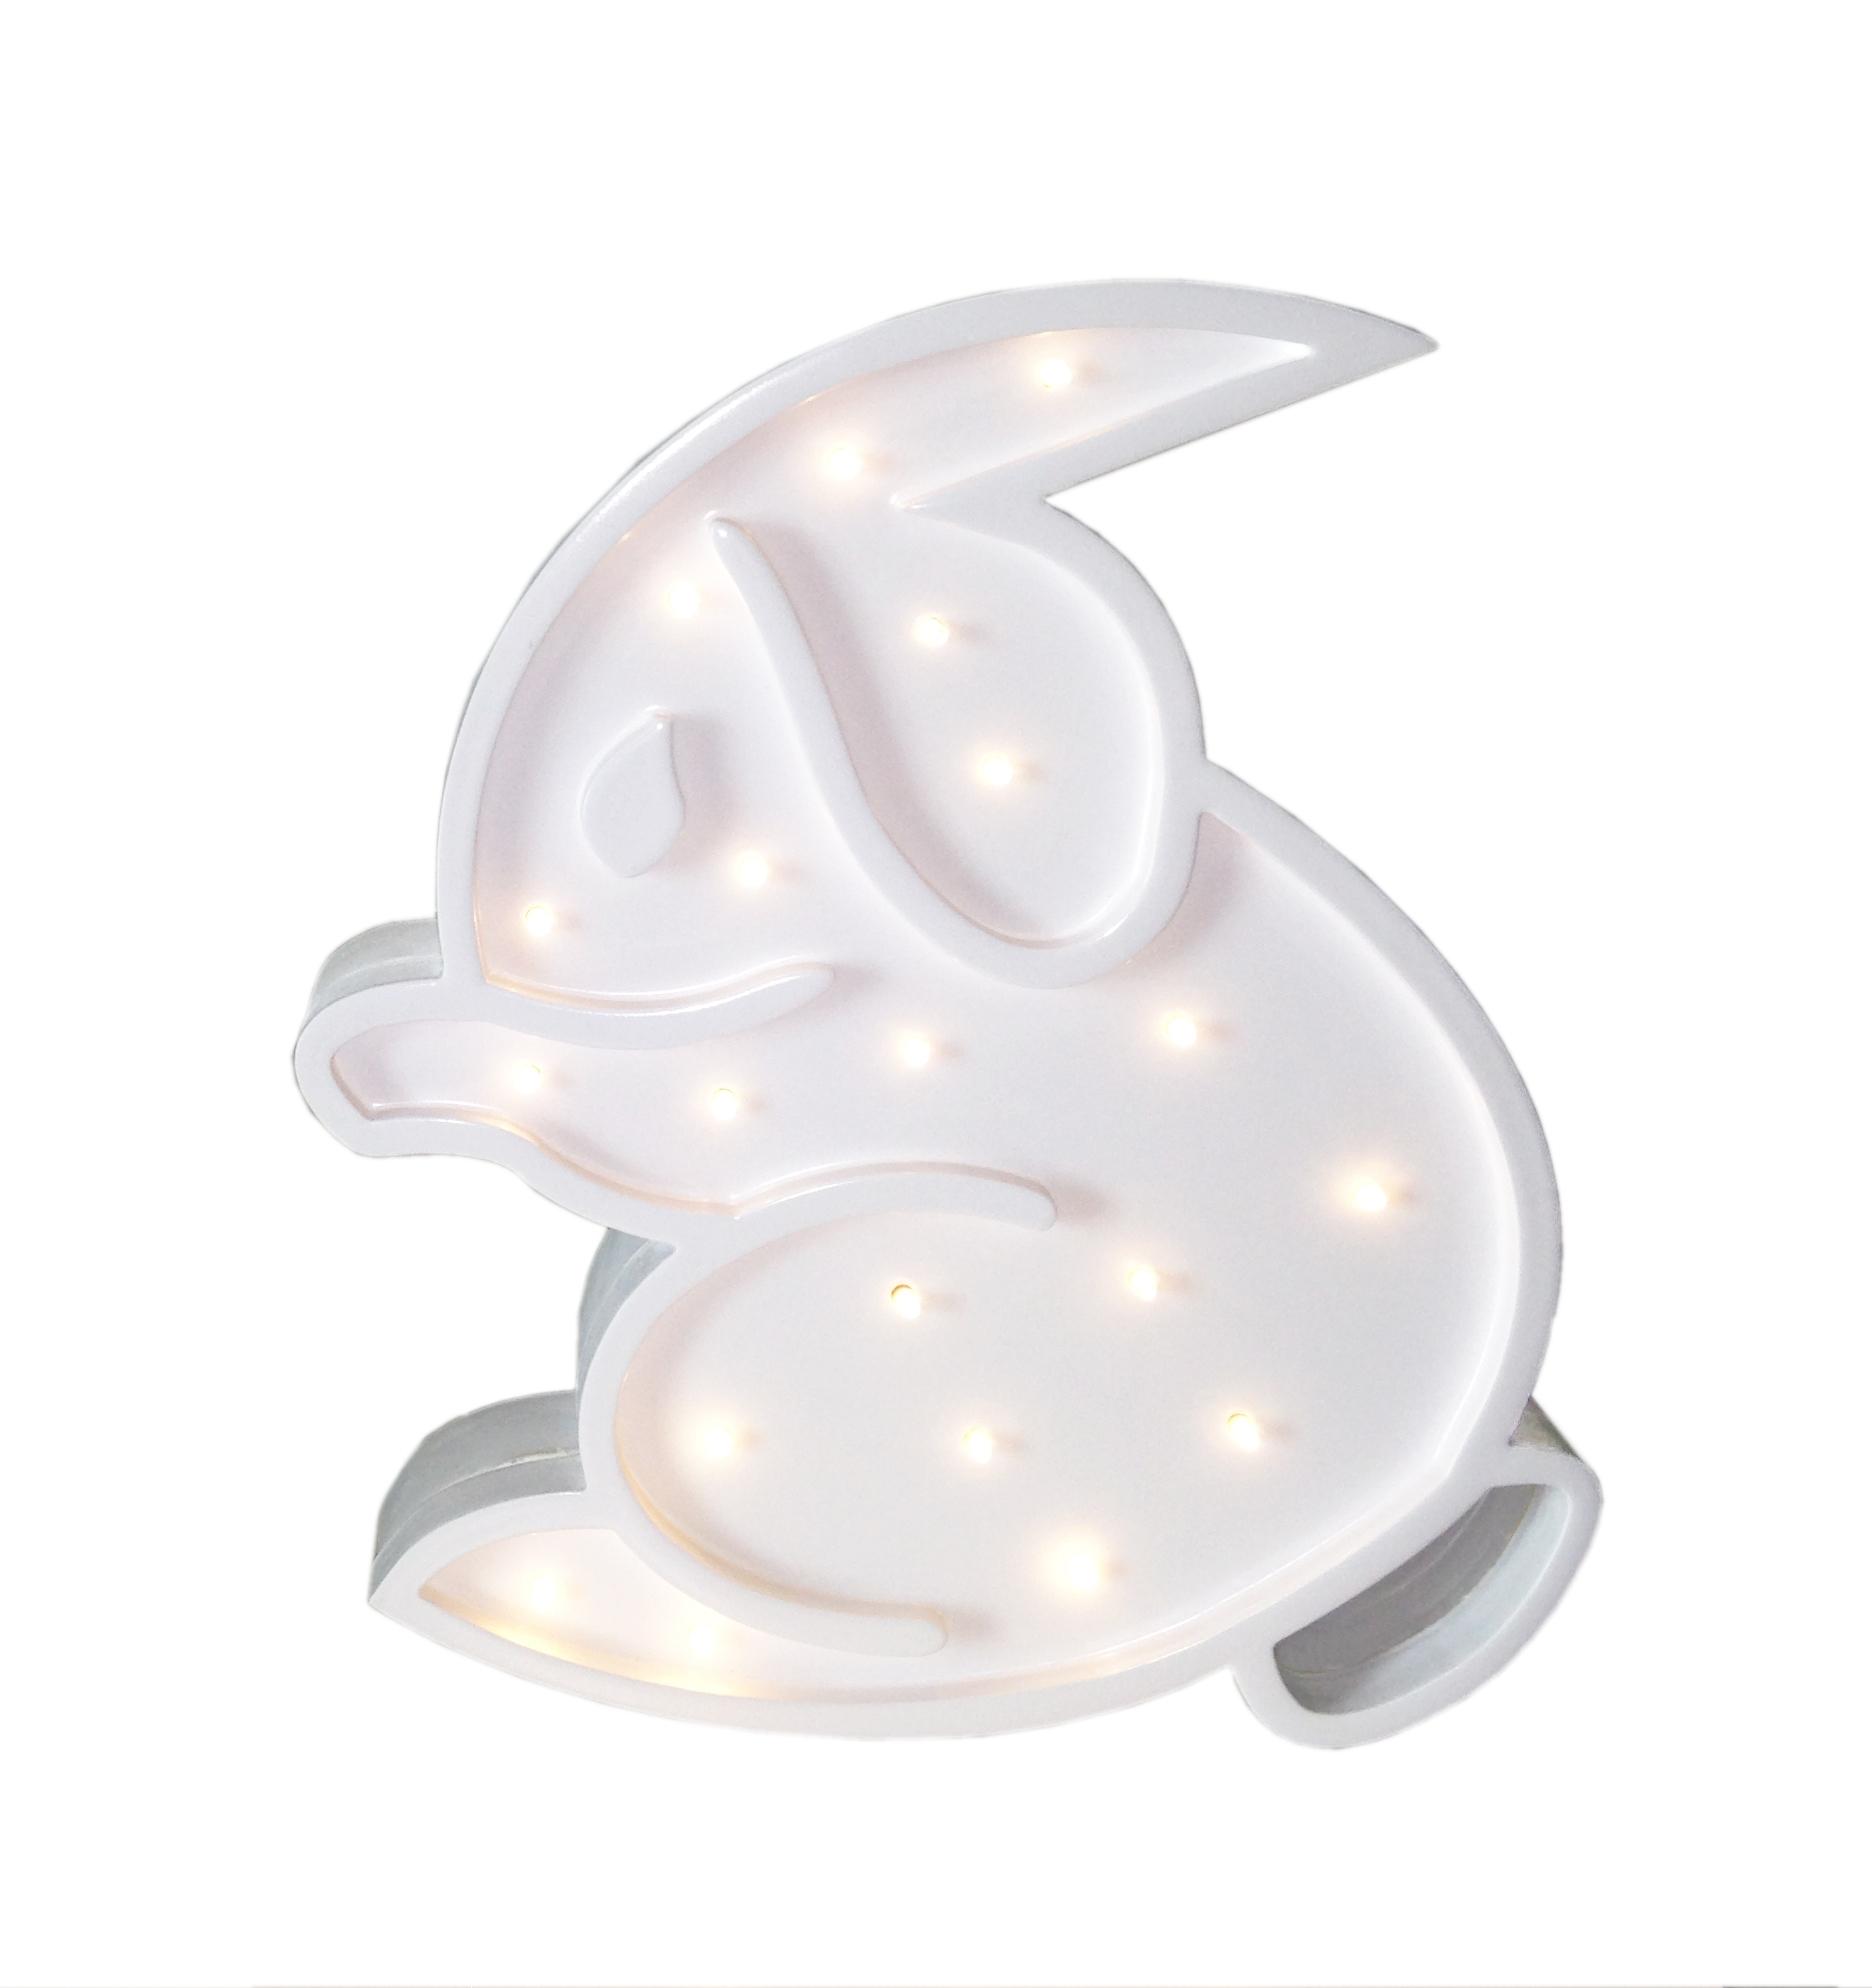 Childrens Rabbit Light Sparkles